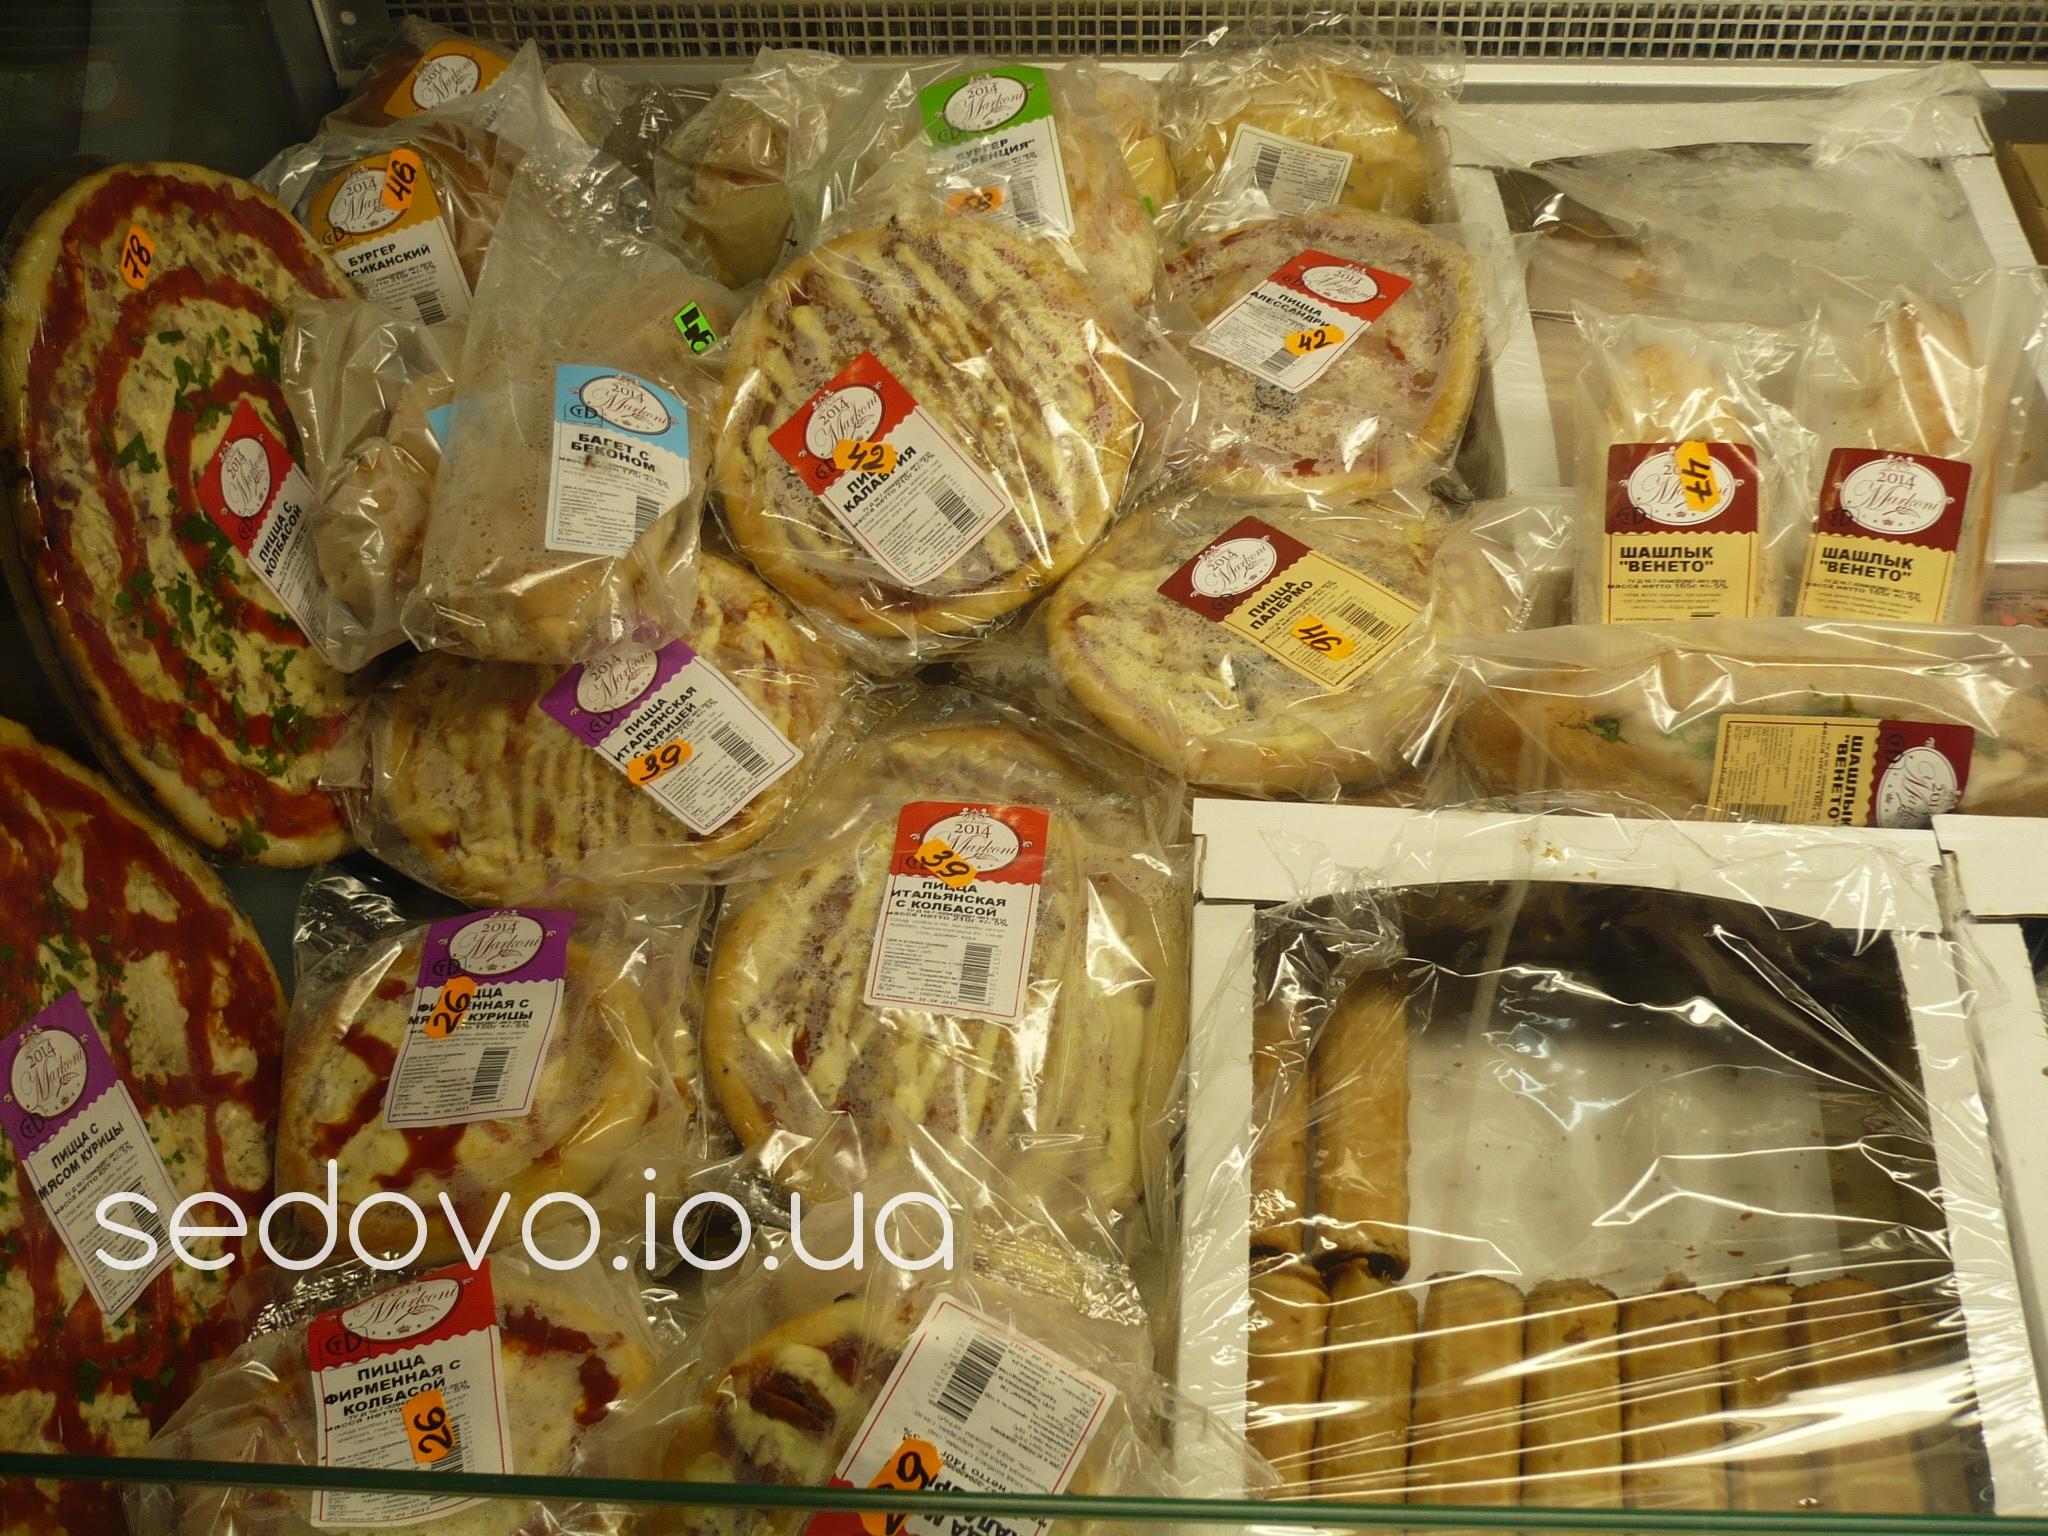 Седово цены в магазинах стоимость мыса колбасы яиц хлеба